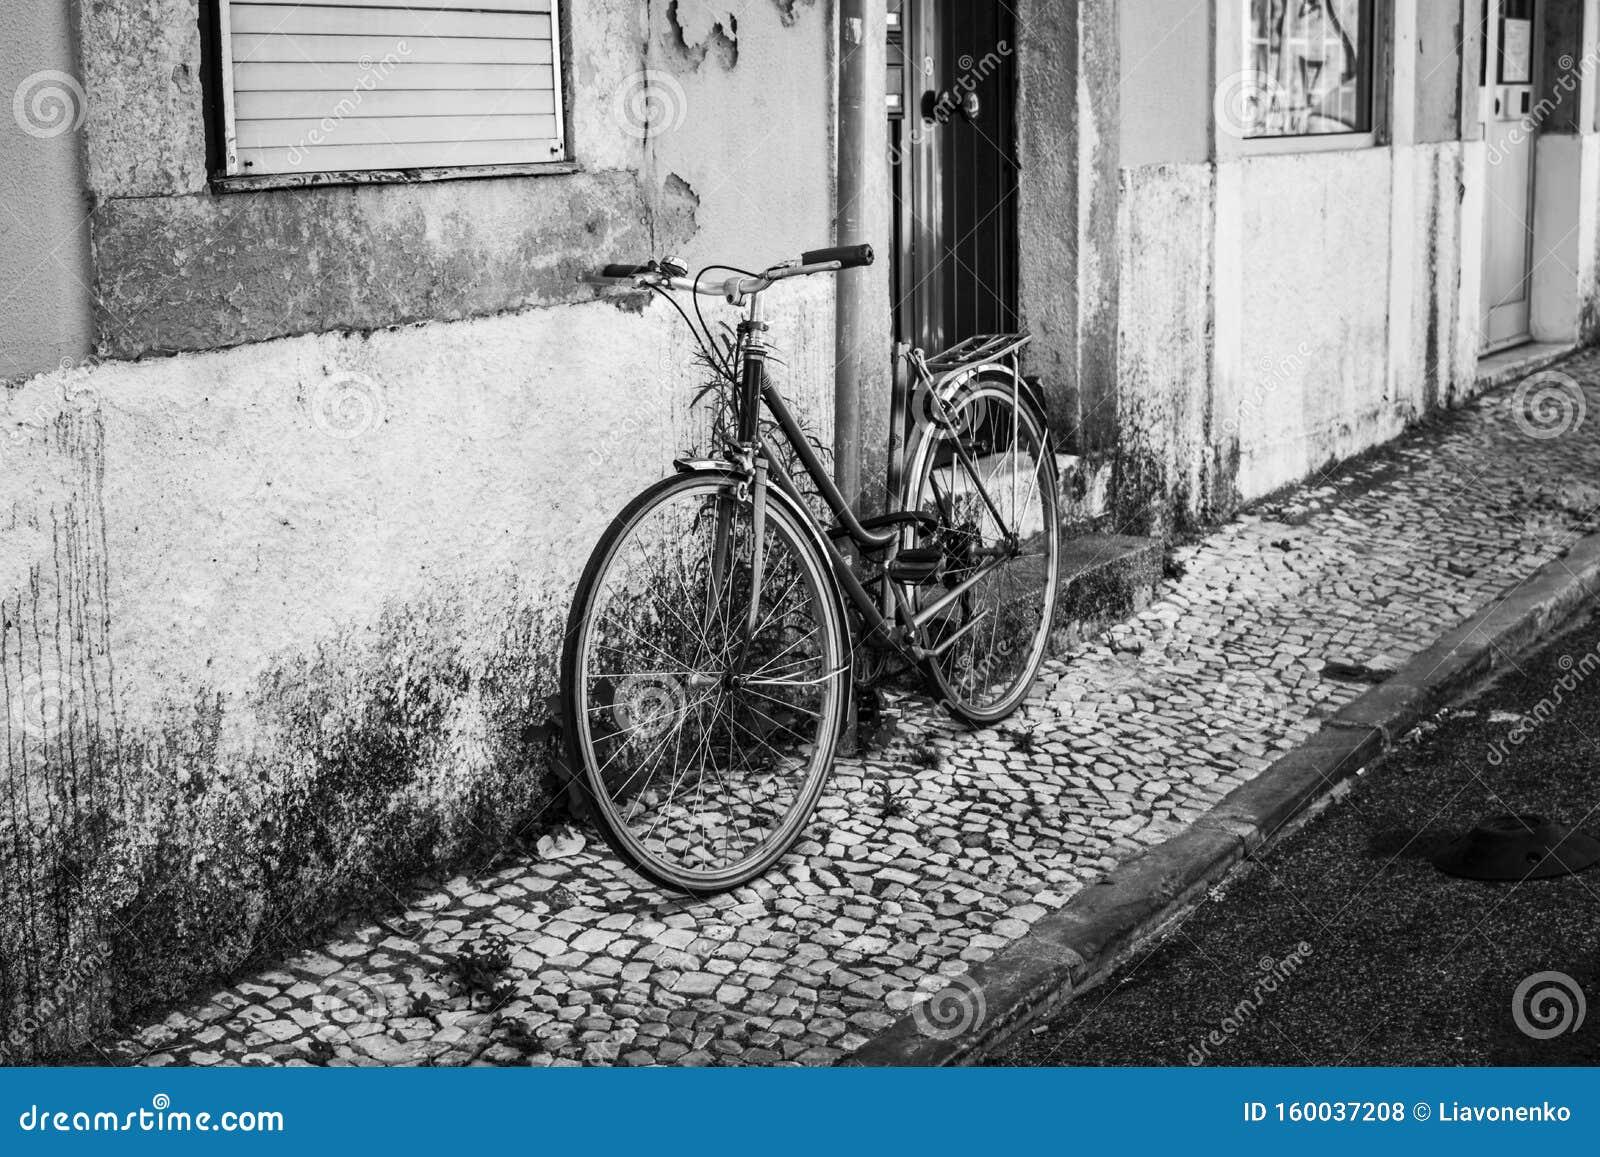 Ulice i place w Lizbonie Stary rower Zdjęcie czarno-białe &W dół Fotografia uliczna